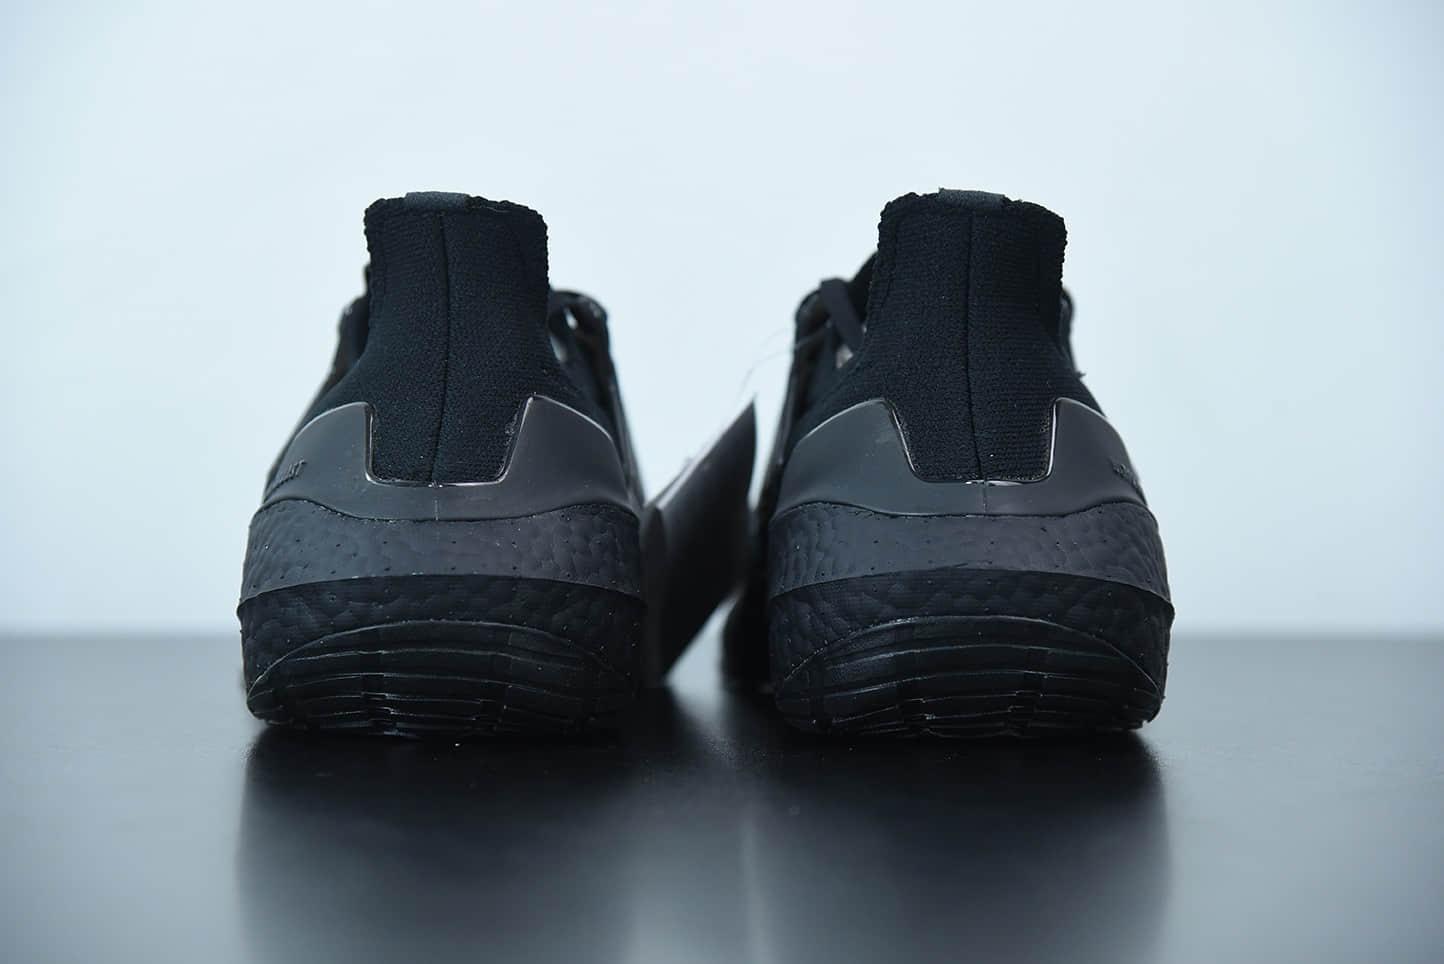 阿迪达斯 Adidas ultra boost 2021系列黑色配色袜套式针织鞋面休闲运动慢跑鞋纯原版本 货号:FY0306